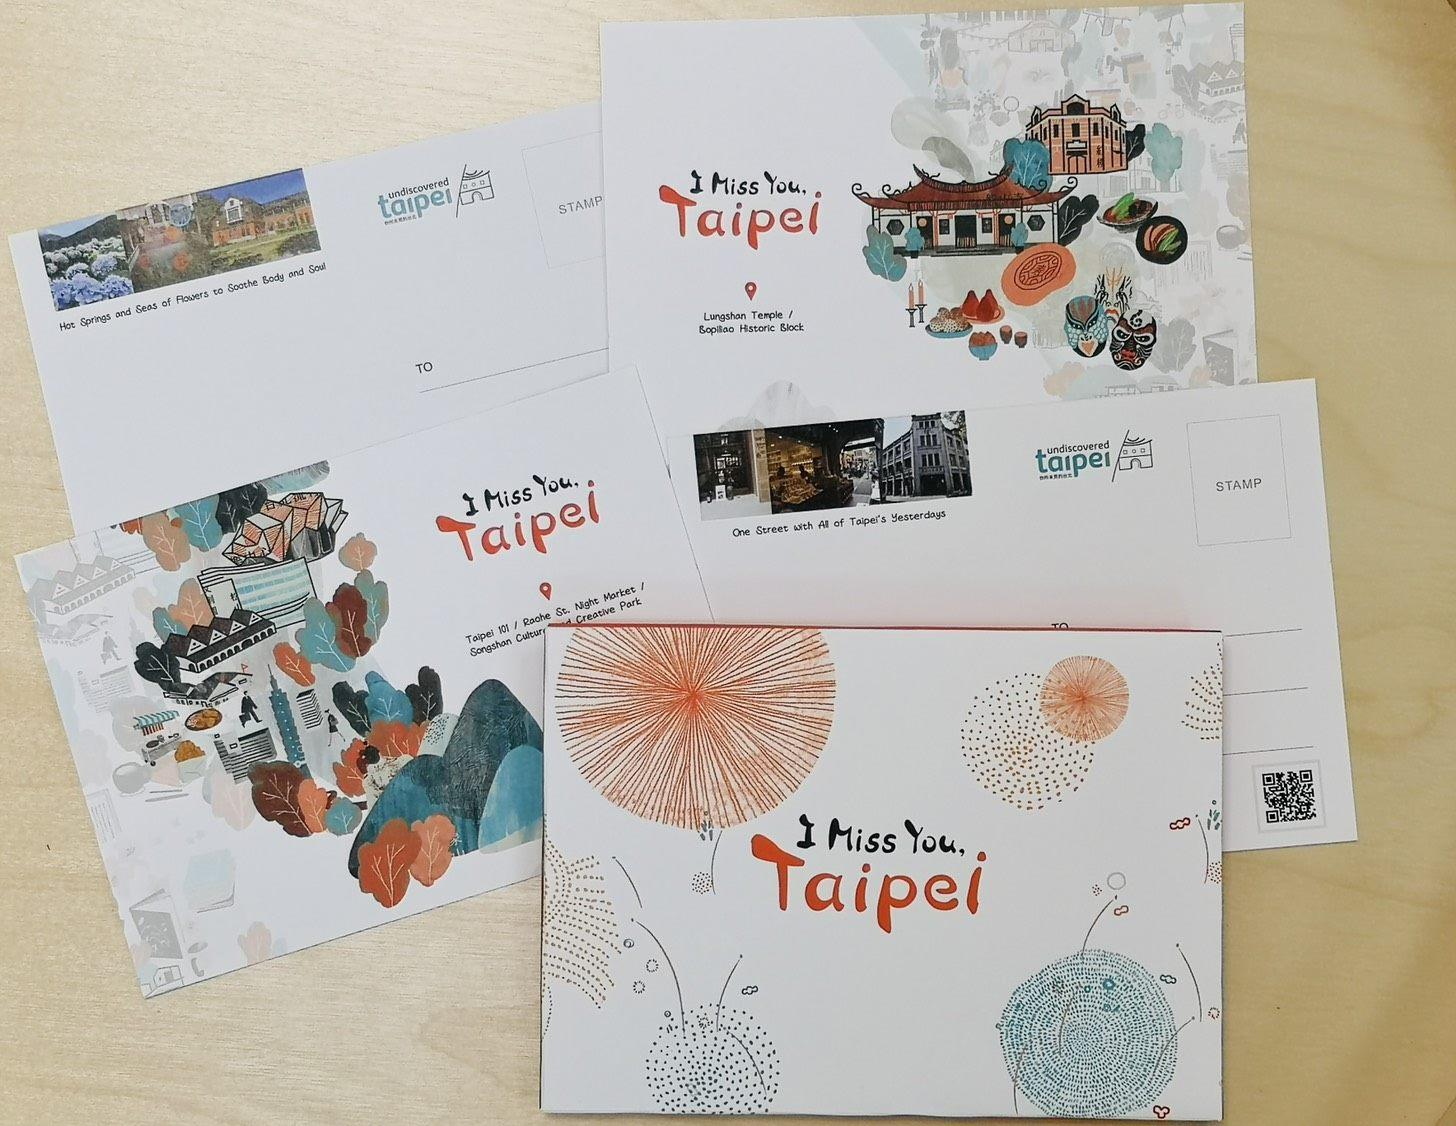 限量明信片套組,喚起旅客對臺北旅遊的想念